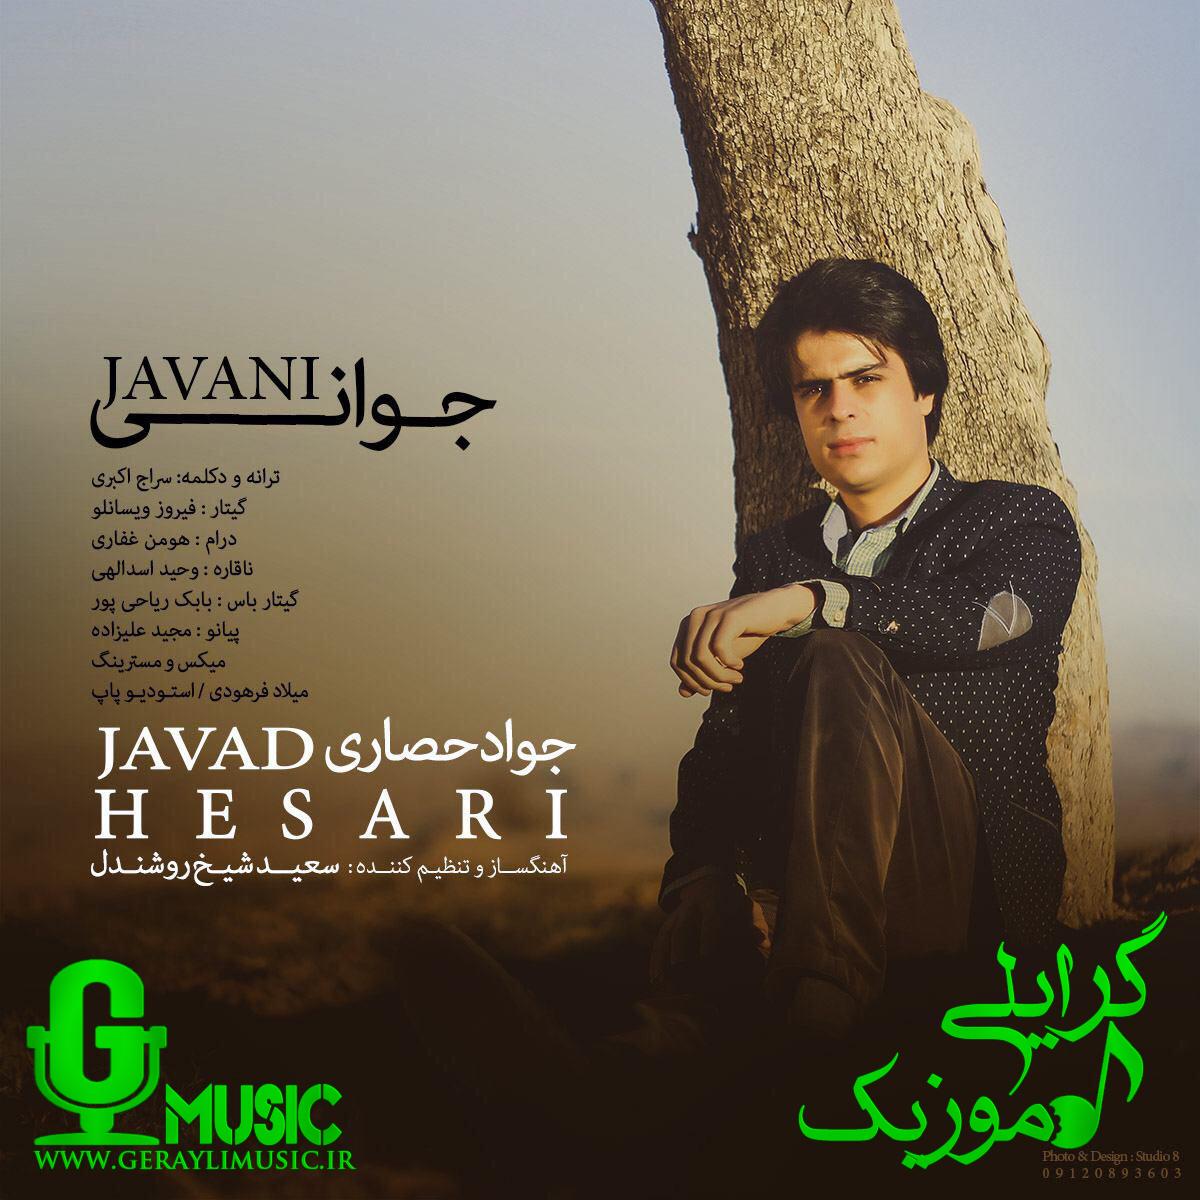 آهنگ بسیار زیبا به نام جوانی از جواد حصاری